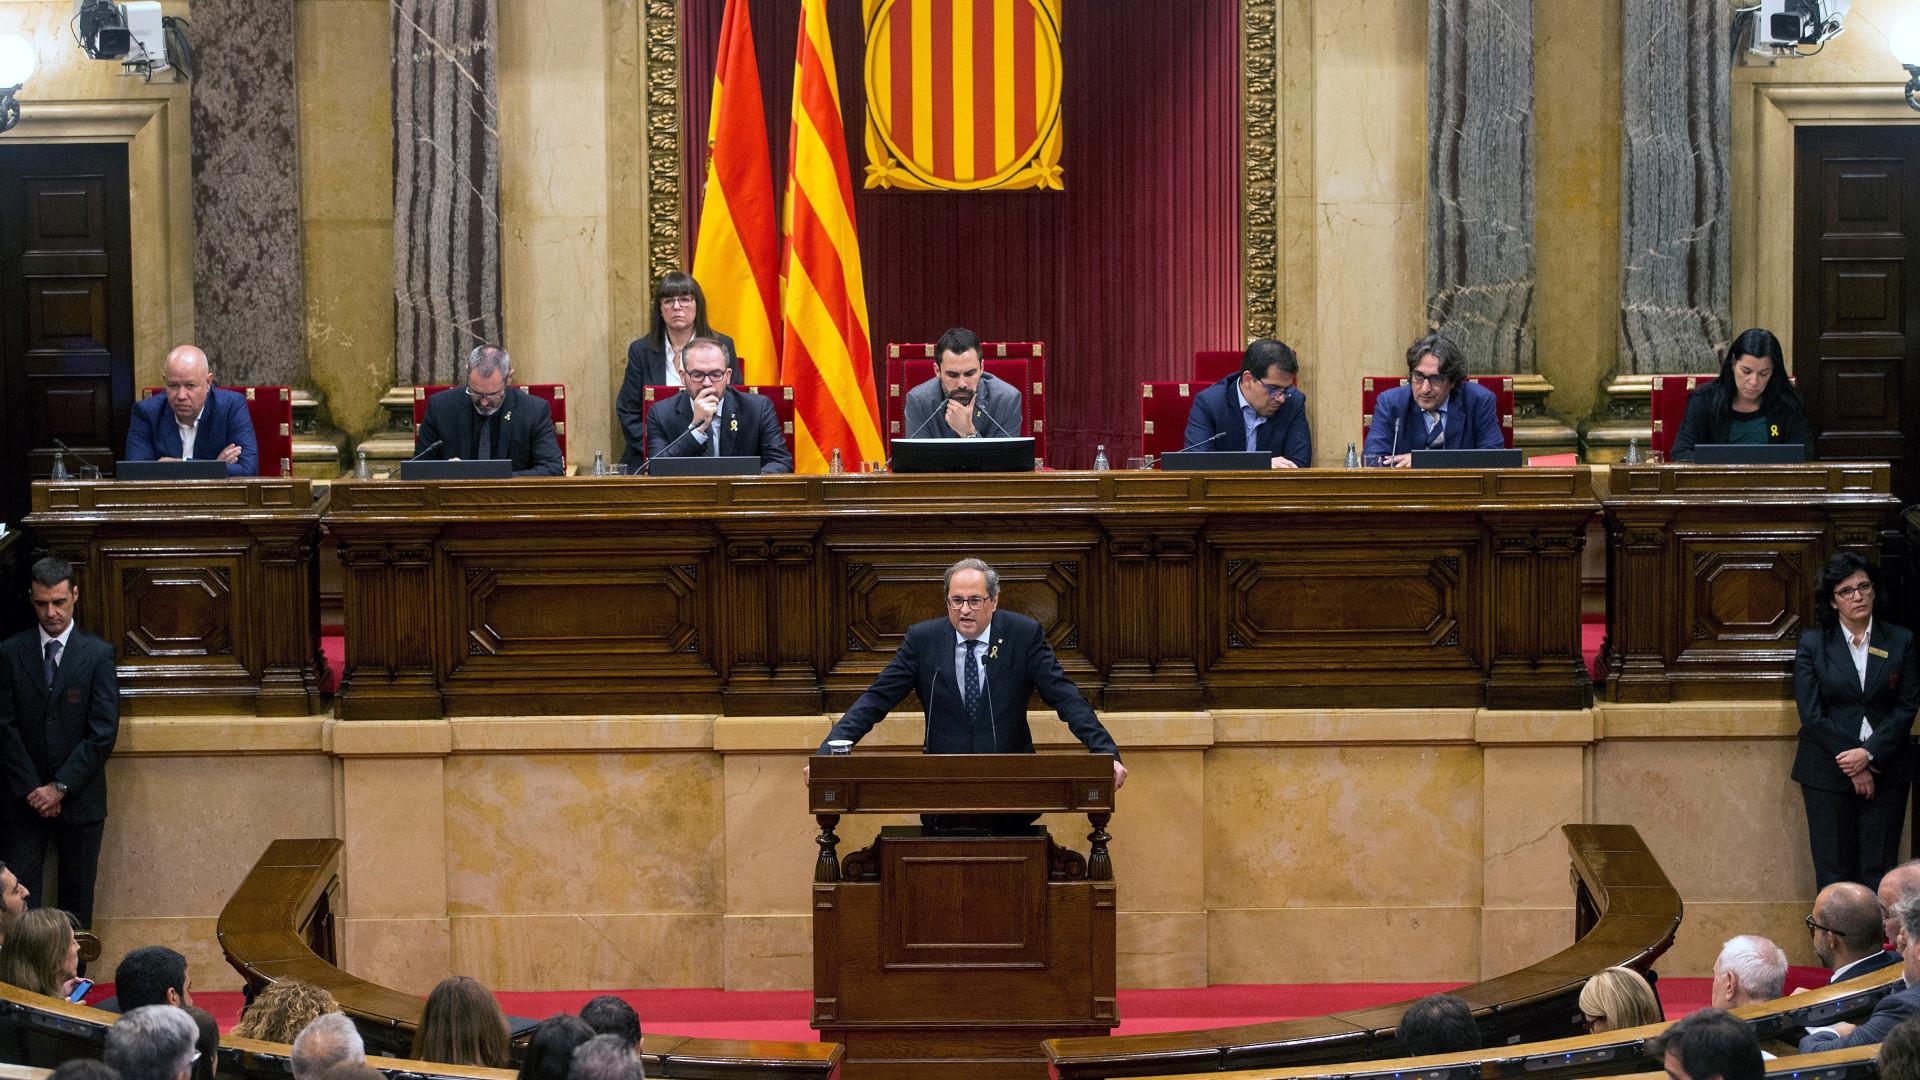 """Madrid rejeita ultimato de separatistas e pede """"distensão e calma"""""""